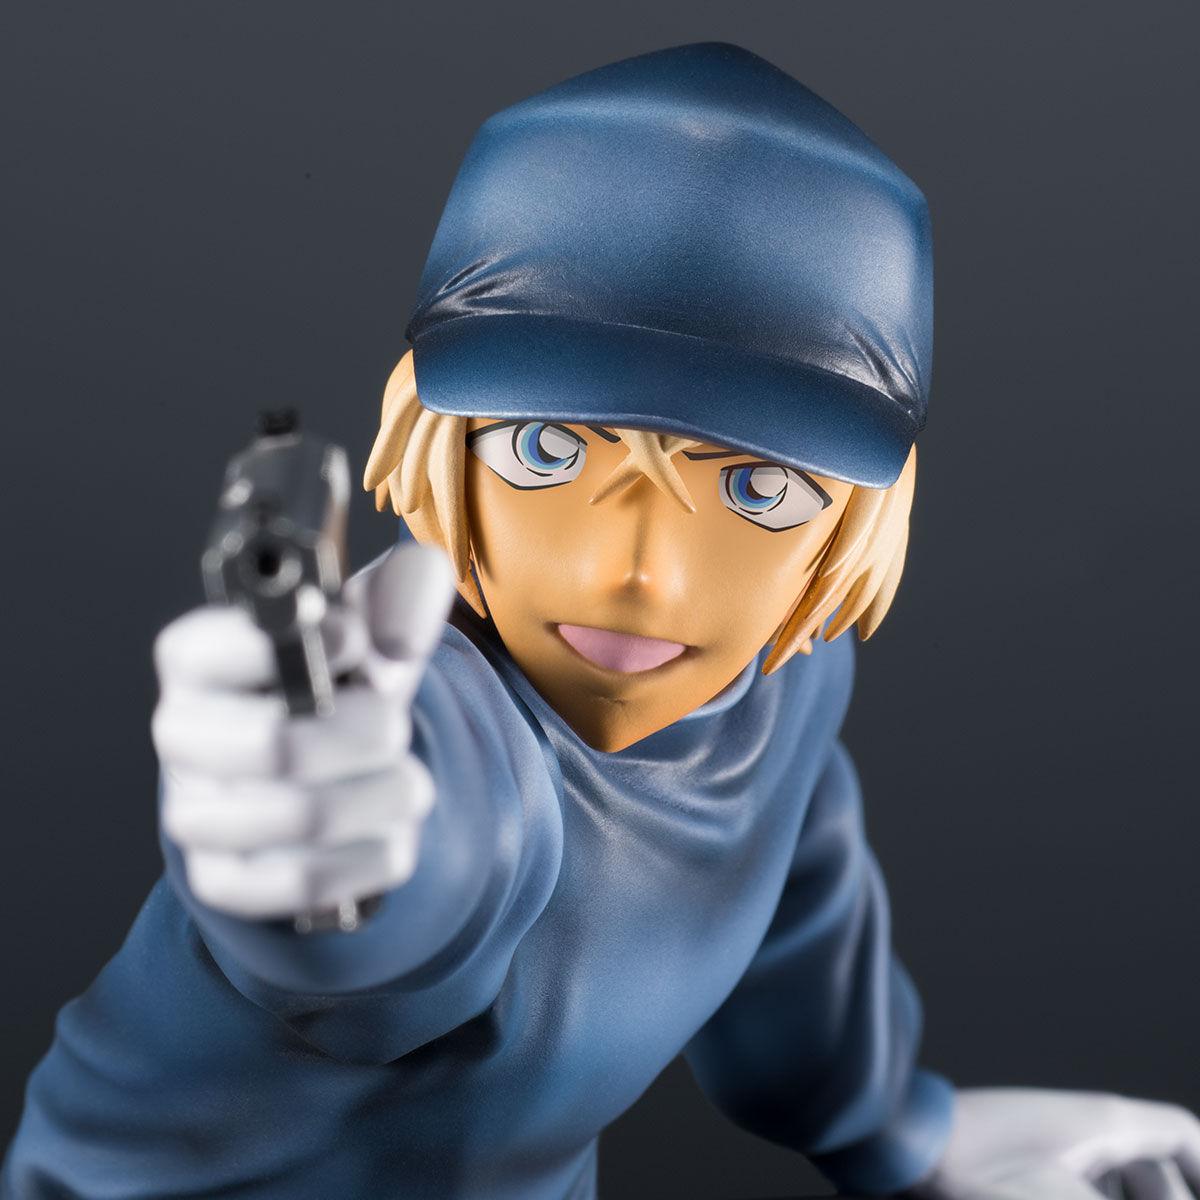 【限定販売】名探偵コナン『DETECTIVE VOICE FIGURE 赤井秀一VSバーボン』完成品フィギュア-006